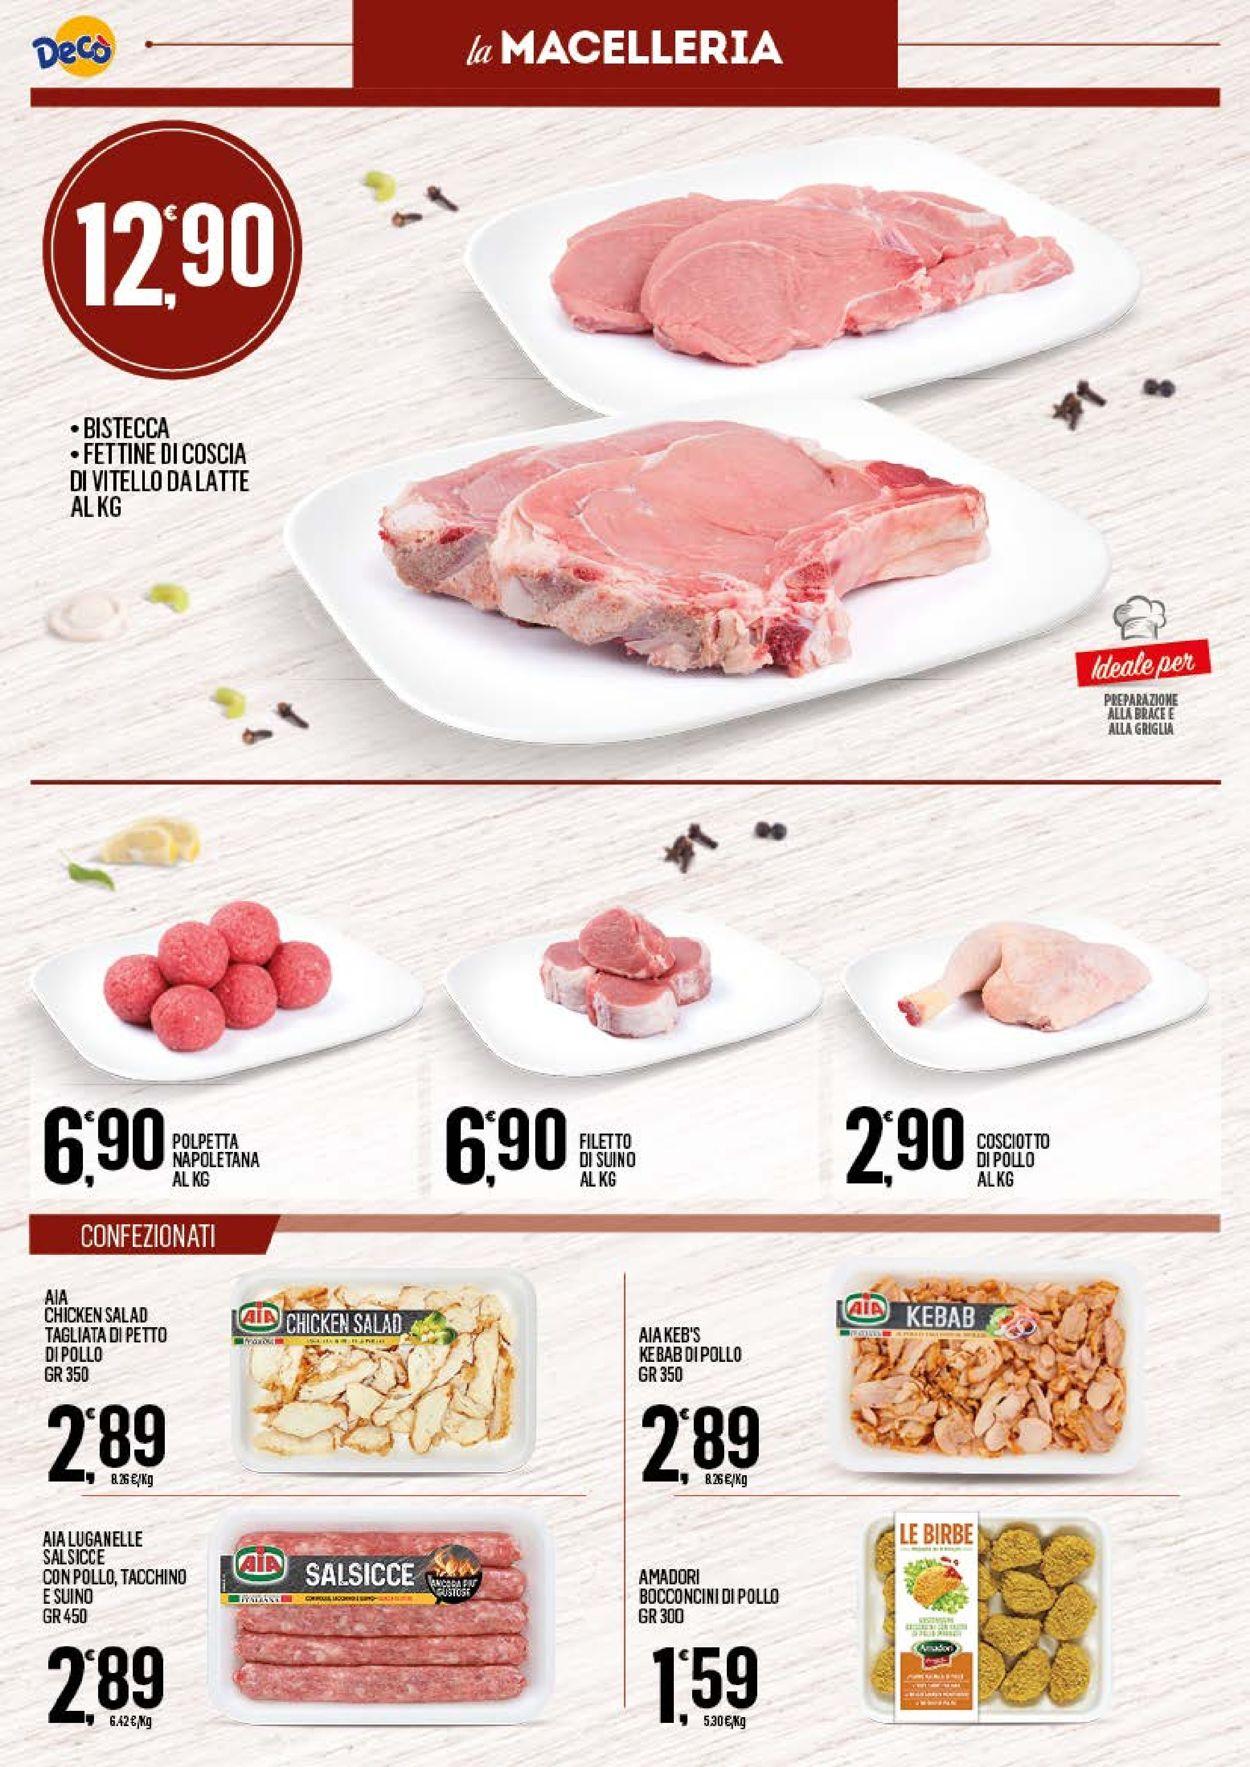 Volantino Deco Supermercati - Offerte 09/02-18/02/2021 (Pagina 8)